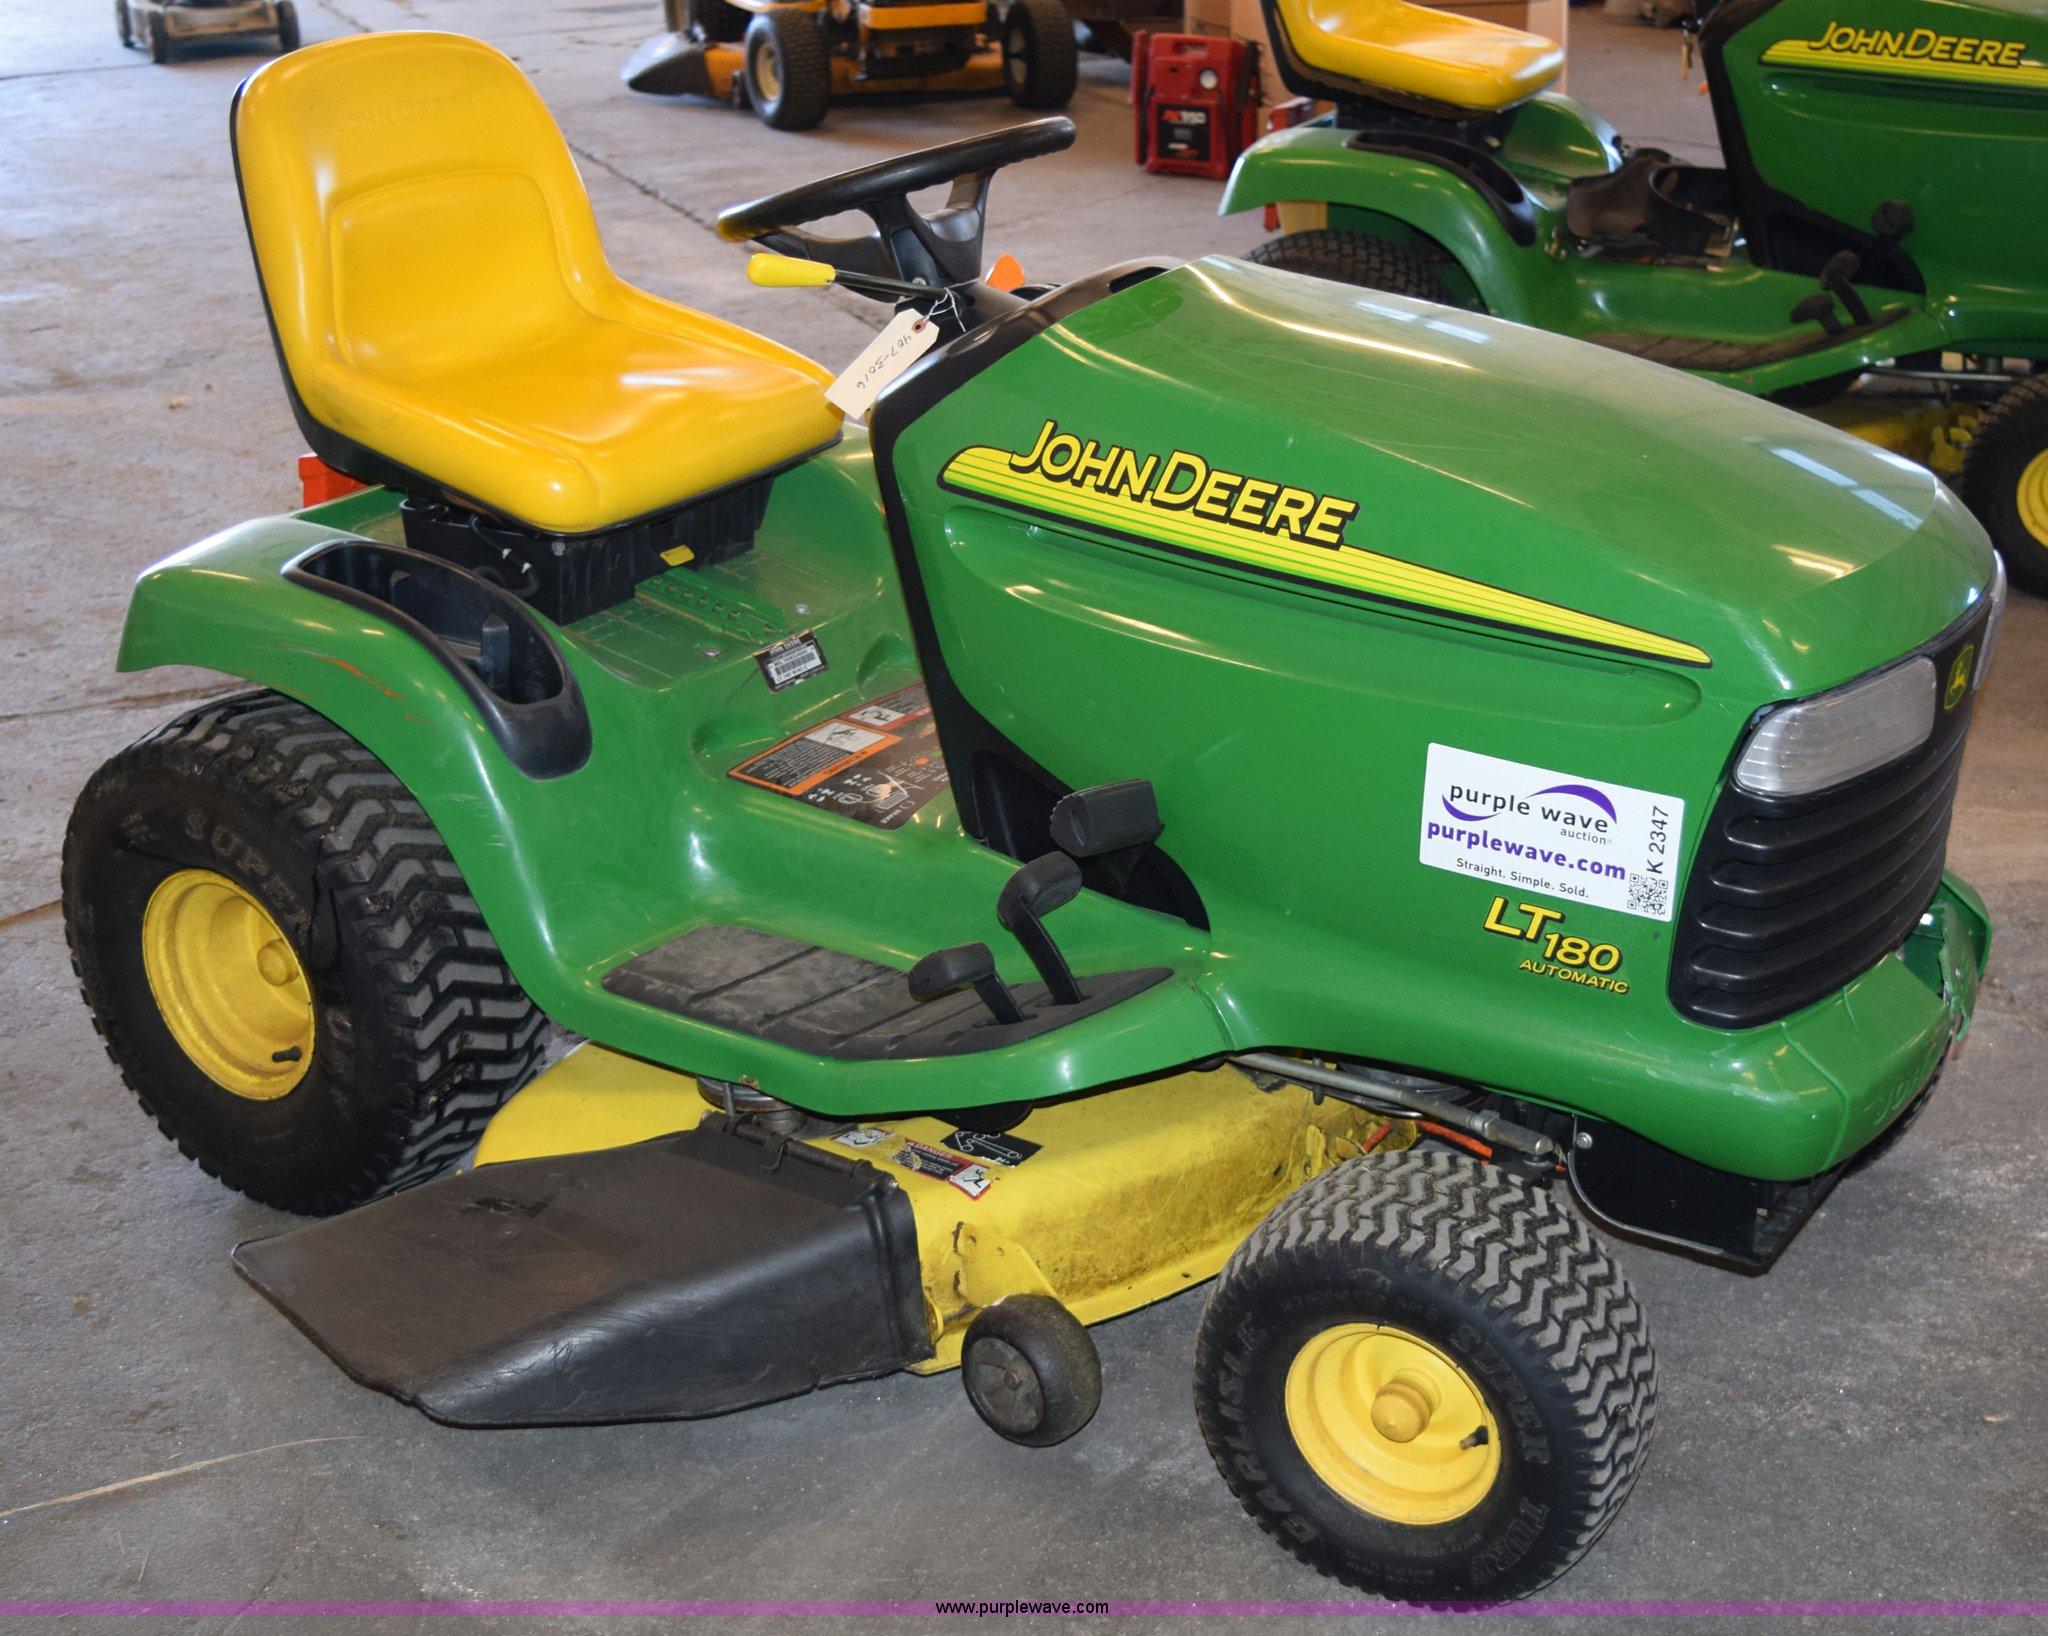 ... John Deere LT180 lawn mower Full size in new window ...